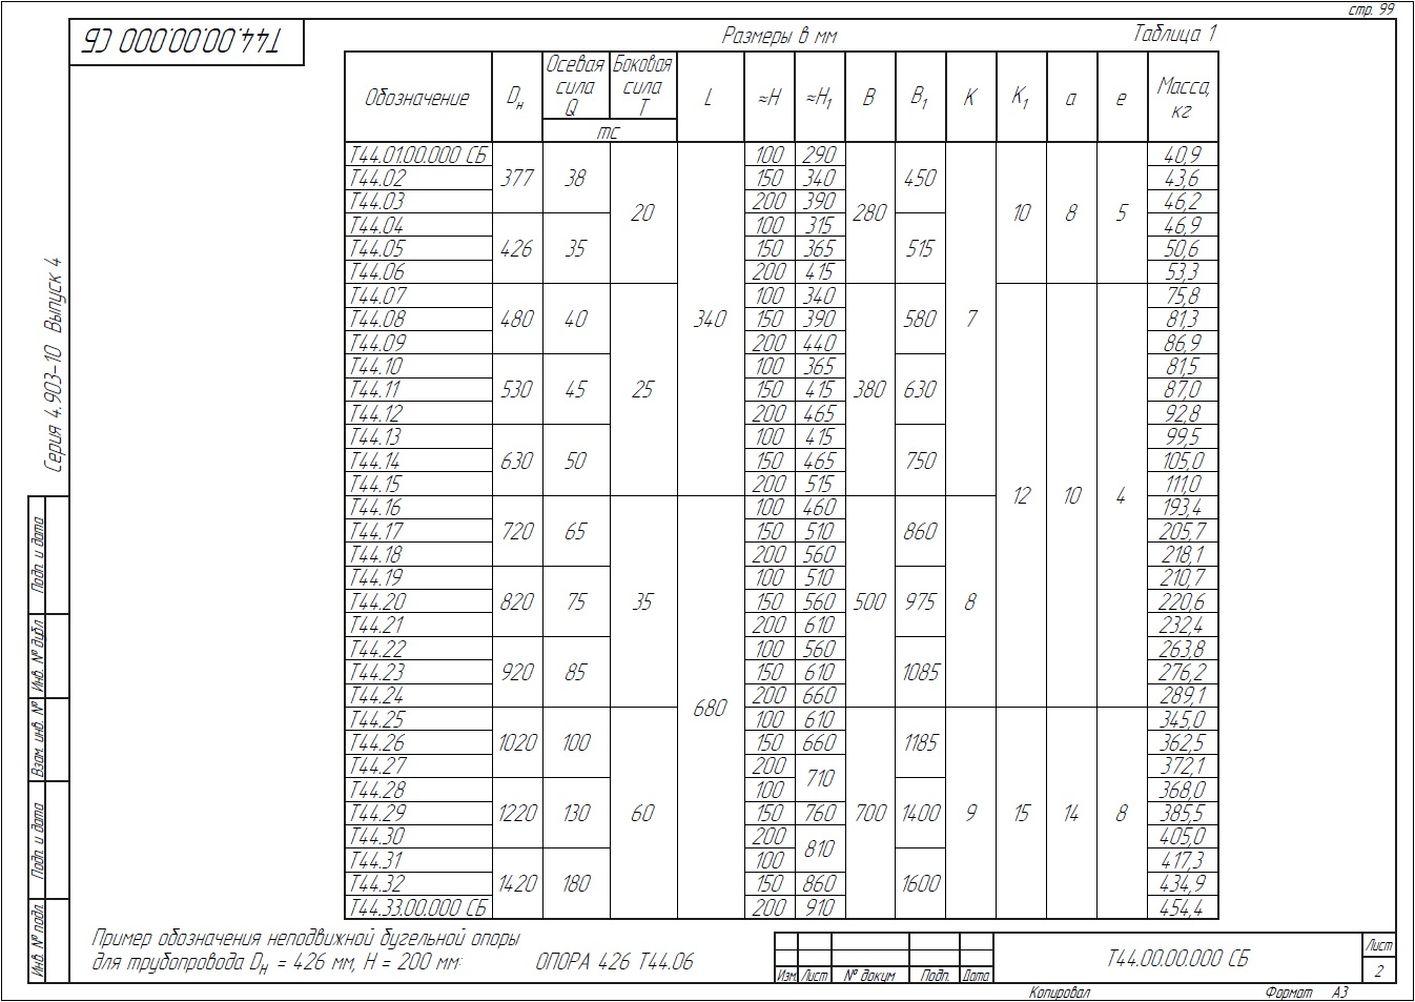 Опора неподвижная бугельная Т44 серия 4.903-10 вып.4 стр.2